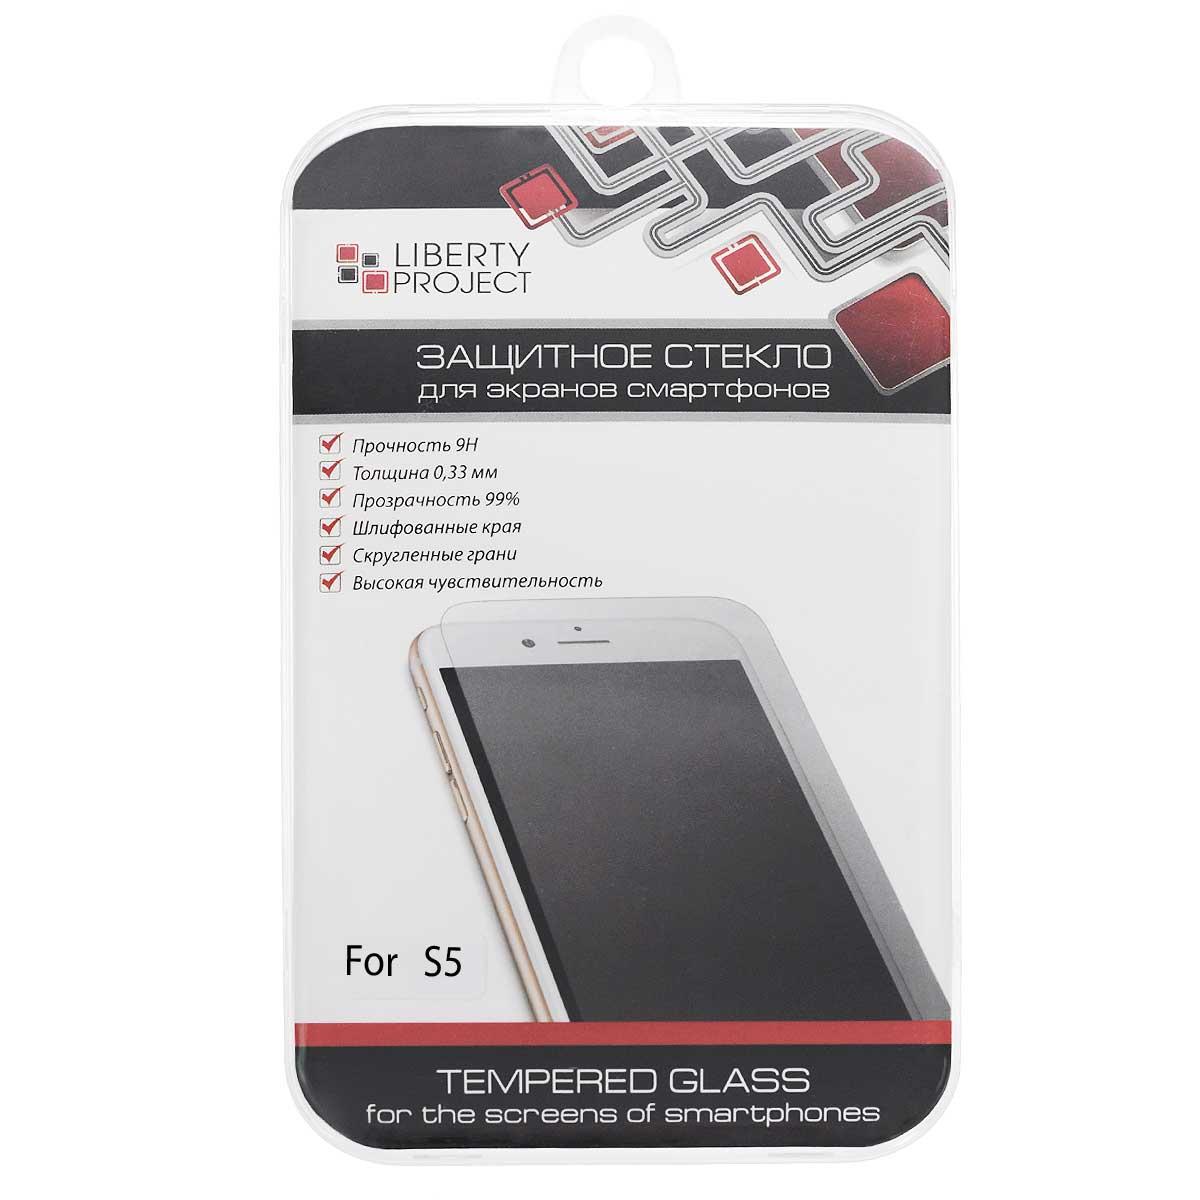 Liberty Project Tempered Glass защитное стекло для Samsung Galaxy S5, Clear (0,33 мм)0L-00000514Защитное стекло Liberty Project Tempered Glass предназначено для защиты поверхности экрана, от царапин, потертостей, отпечатков пальцев и прочих следов механического воздействия. Гарантирует высокую чувствительность при работе с устройством. Данная модель также обладает антибликовым и водоотталкивающим эффектом.